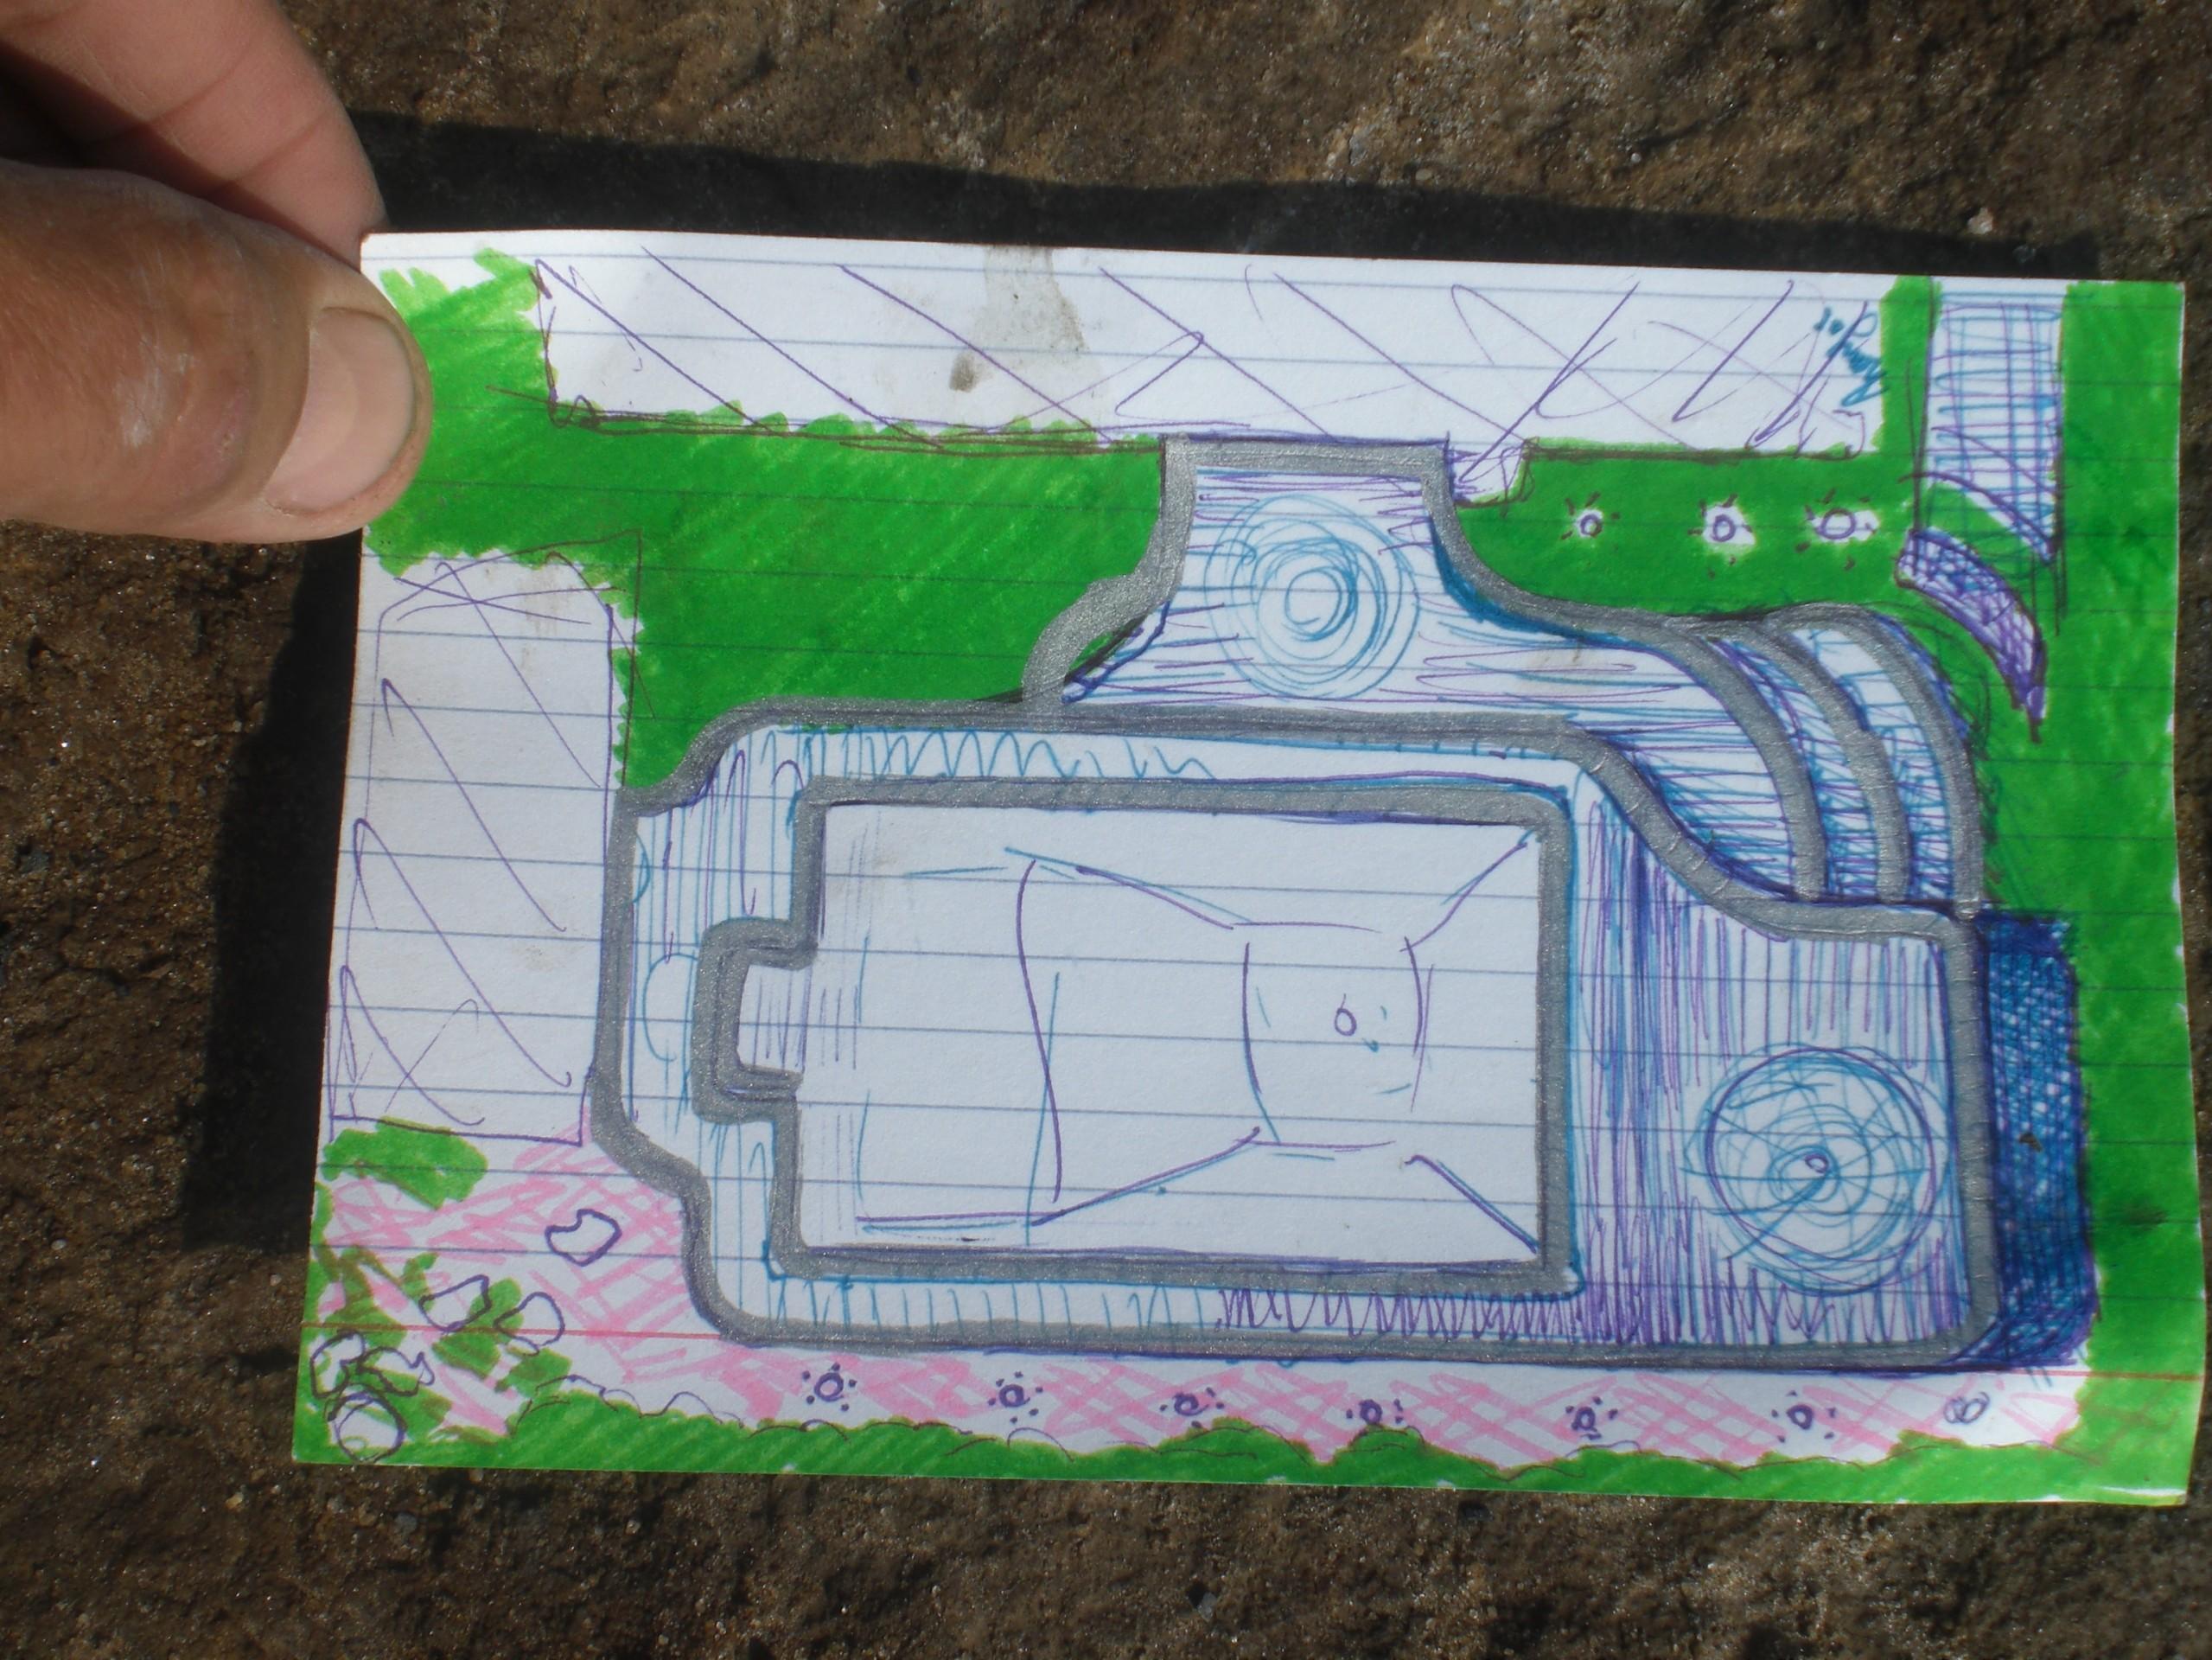 piscine 01 juillet 09 004.jpg